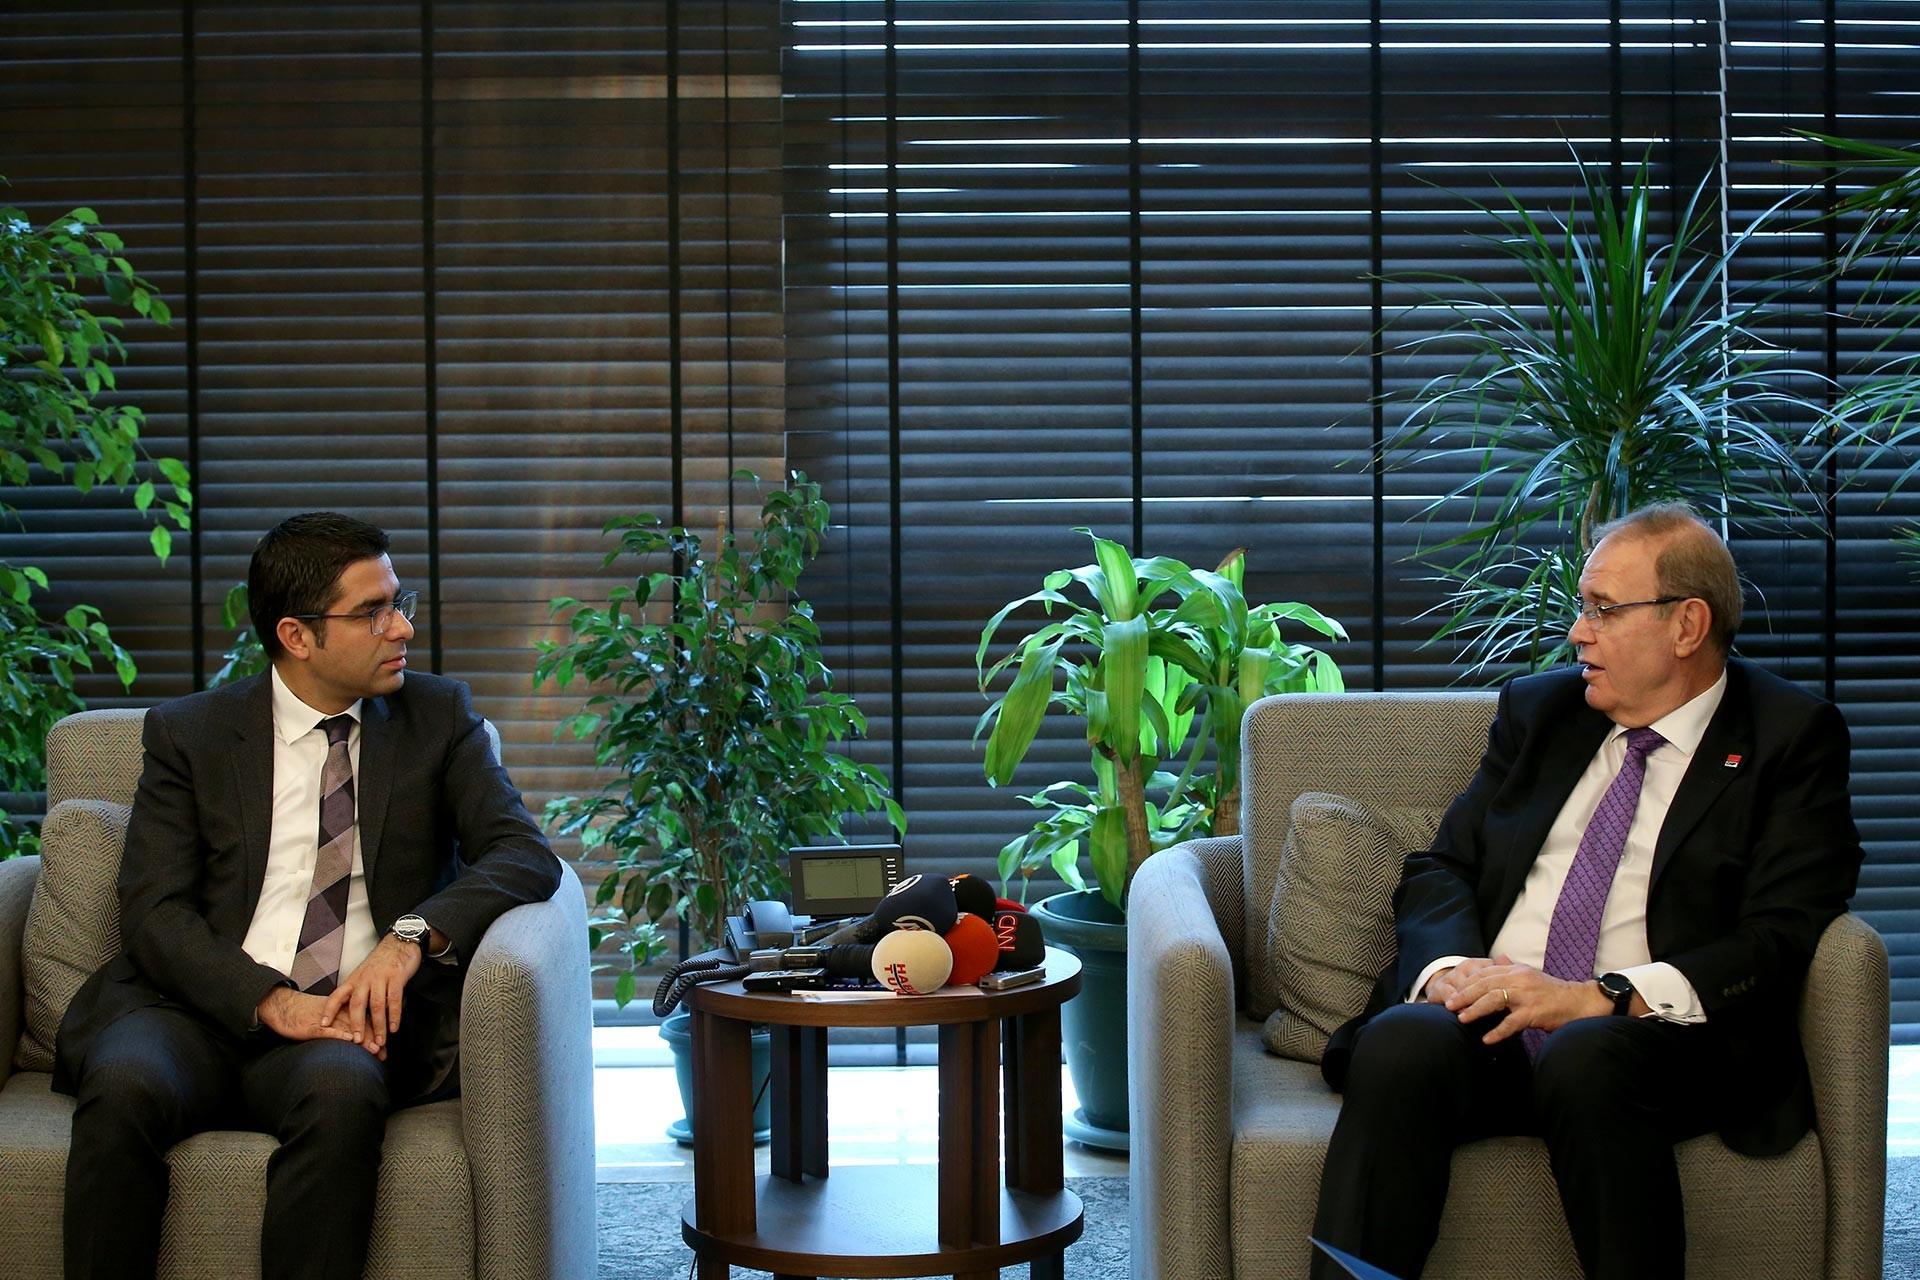 TÜRMOB Genel Başkanı Emre Kartaloğlu ve CHP Sözcüsü Faik Öztrak ziyarette konuşurken